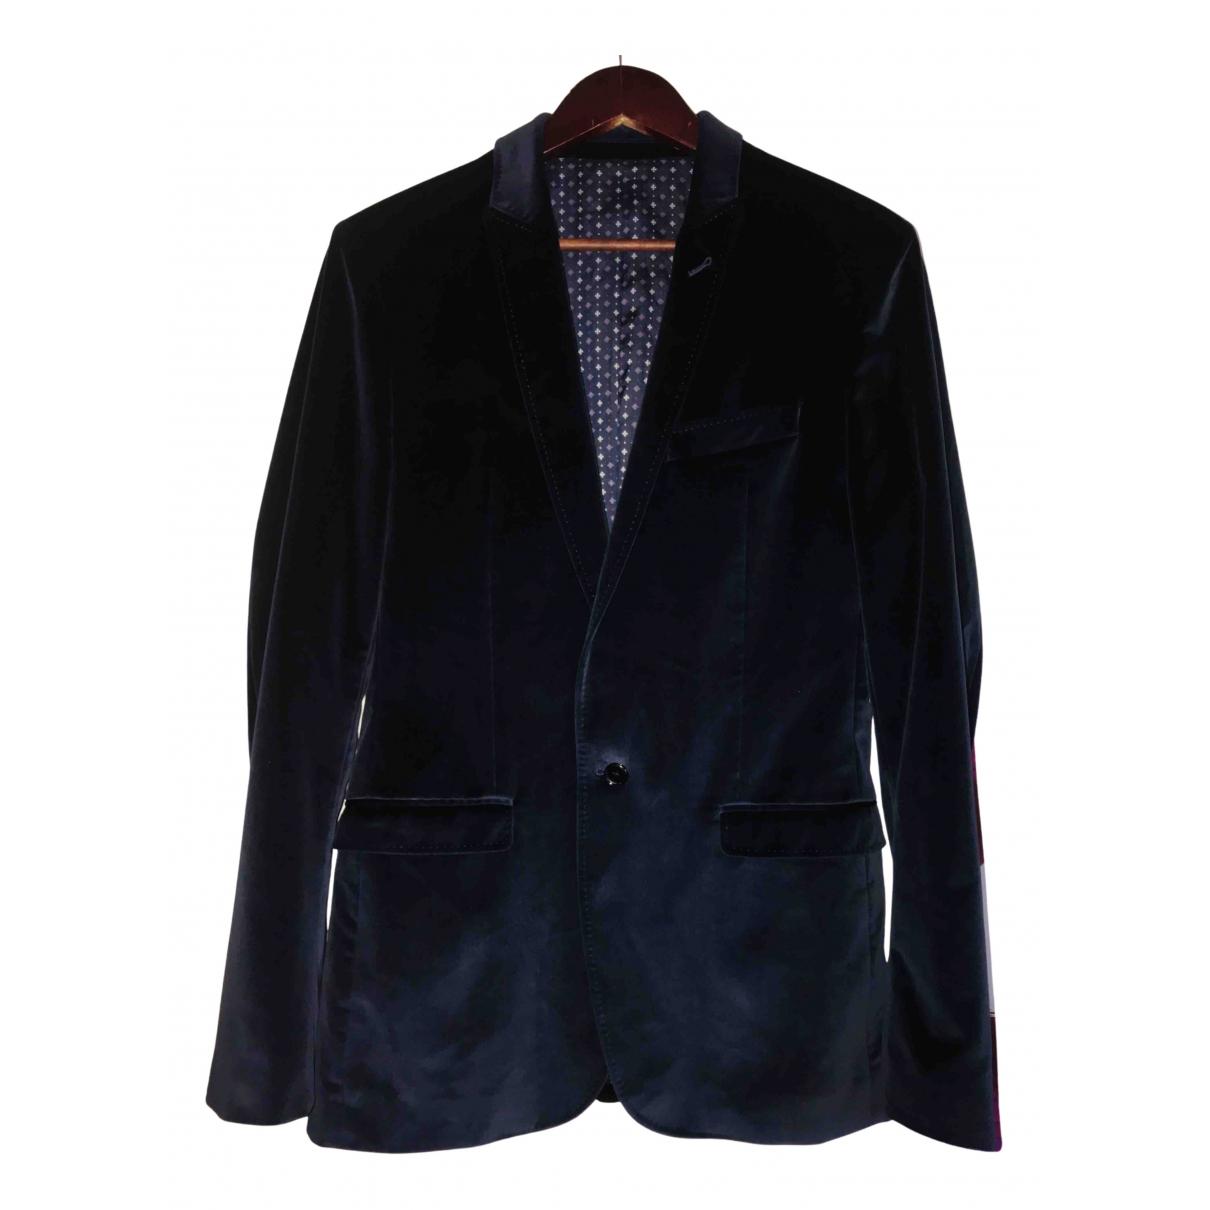 D&g N Blue Velvet jacket  for Men 48 IT